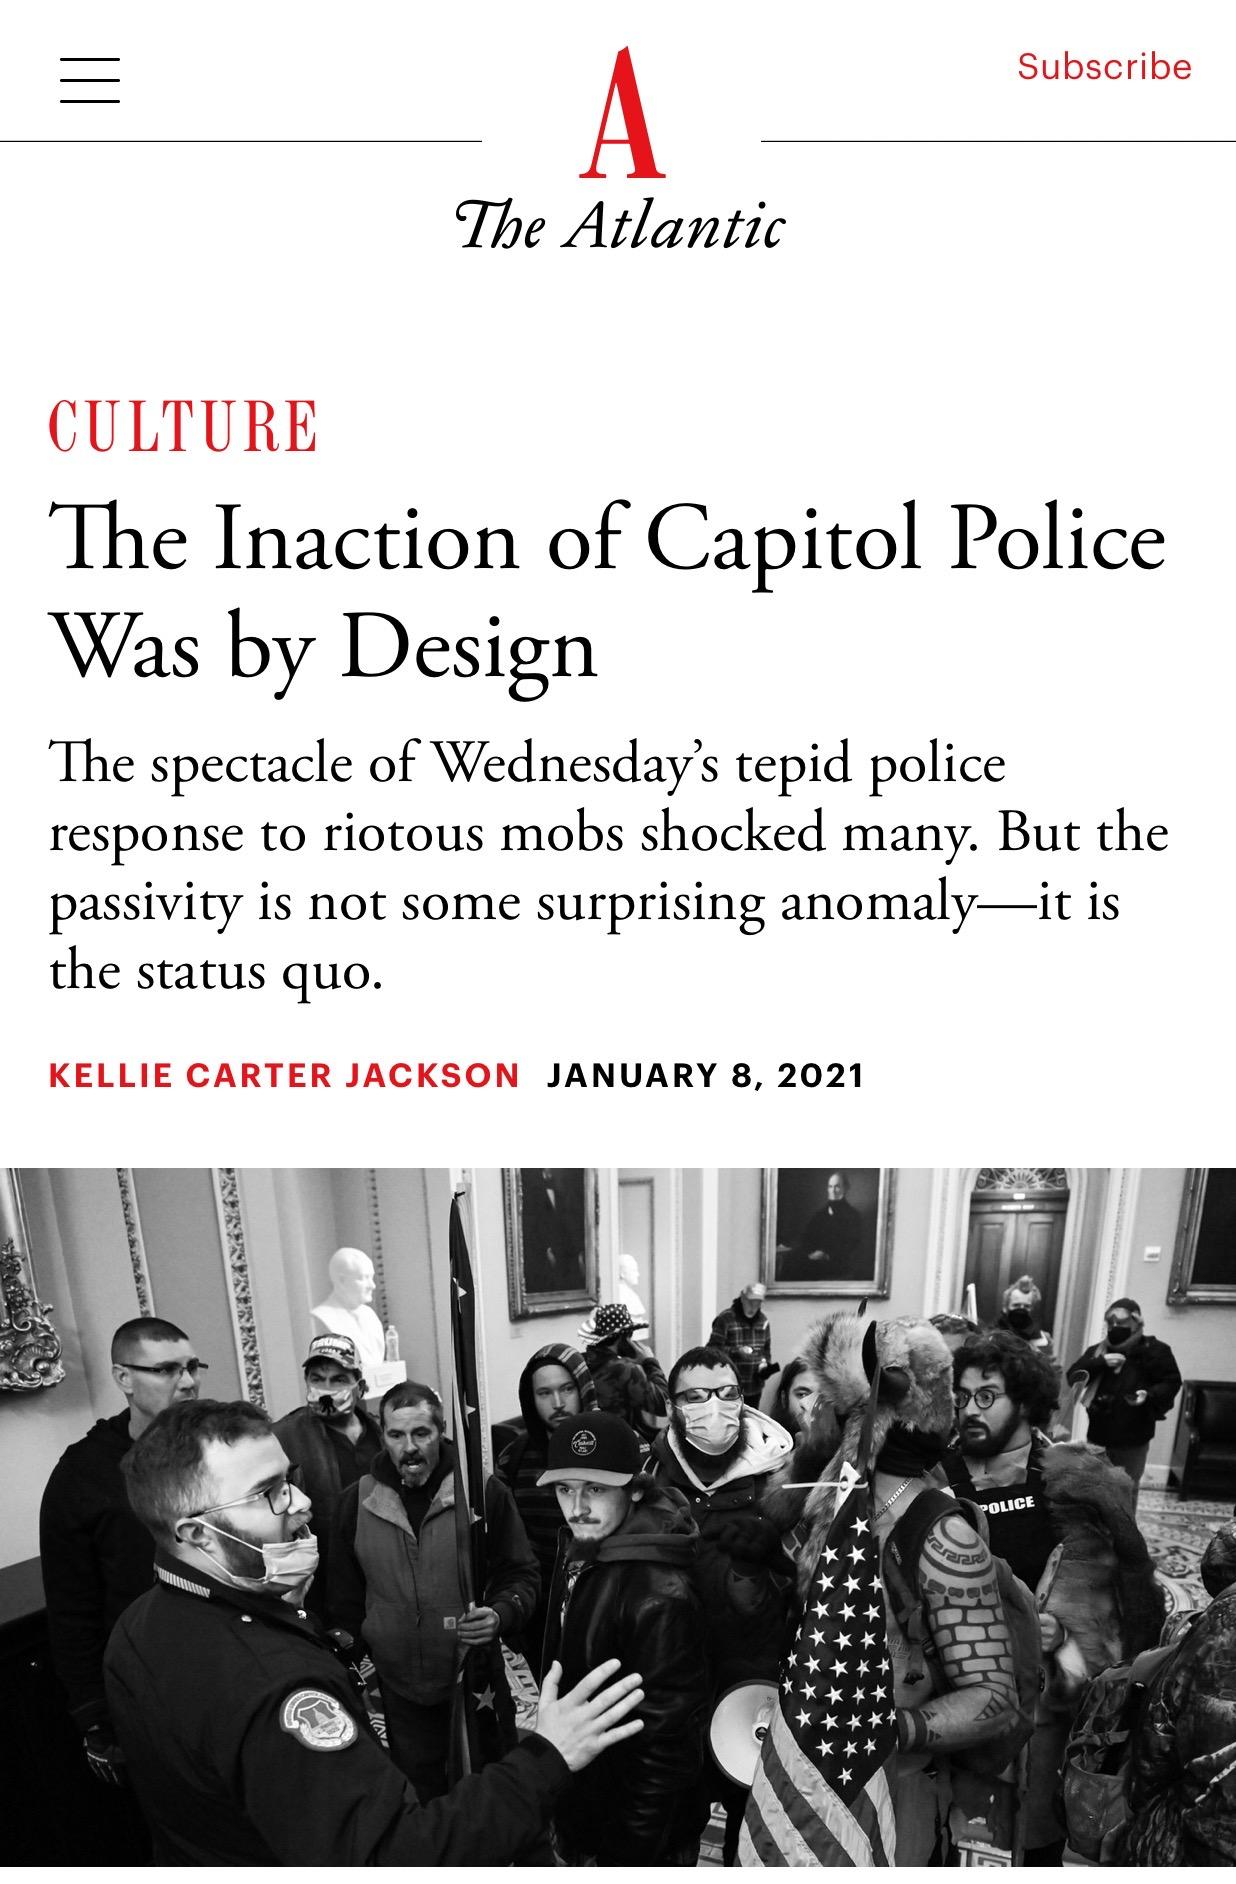 北美观察丨竟与抗议者合影 美国警察什么情况